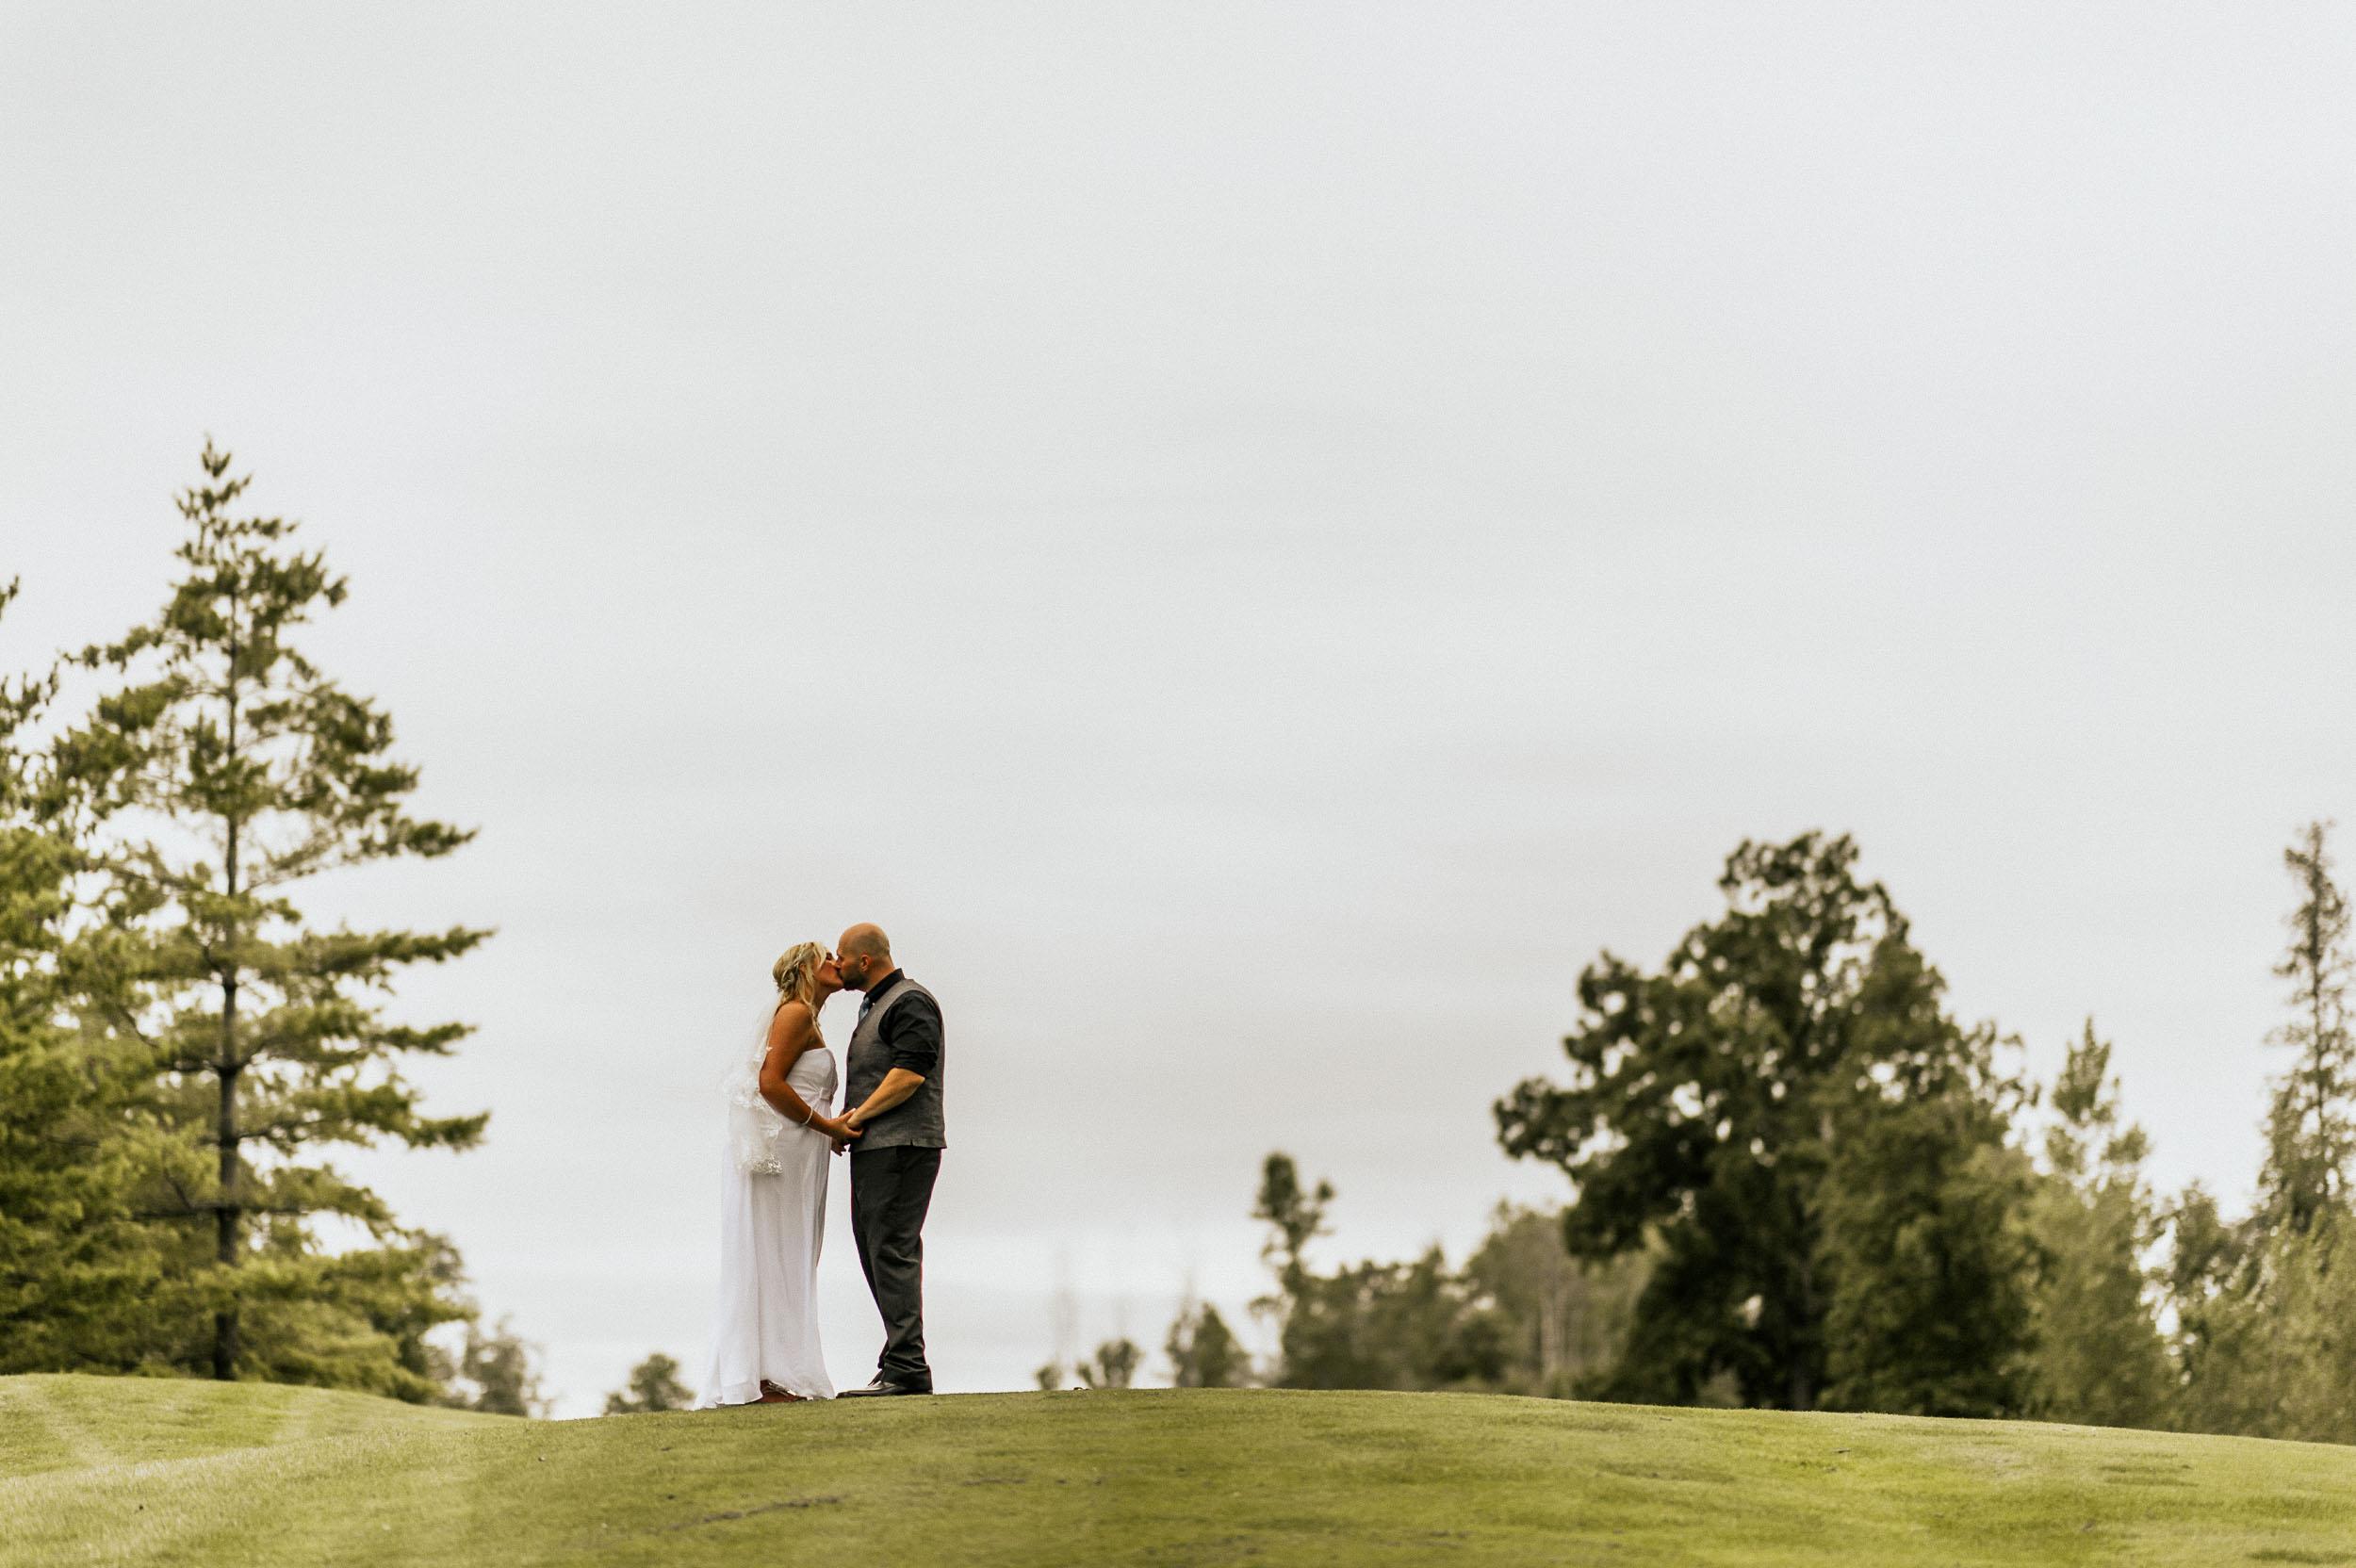 wedding-photography-stratford-davidiam-086.jpg